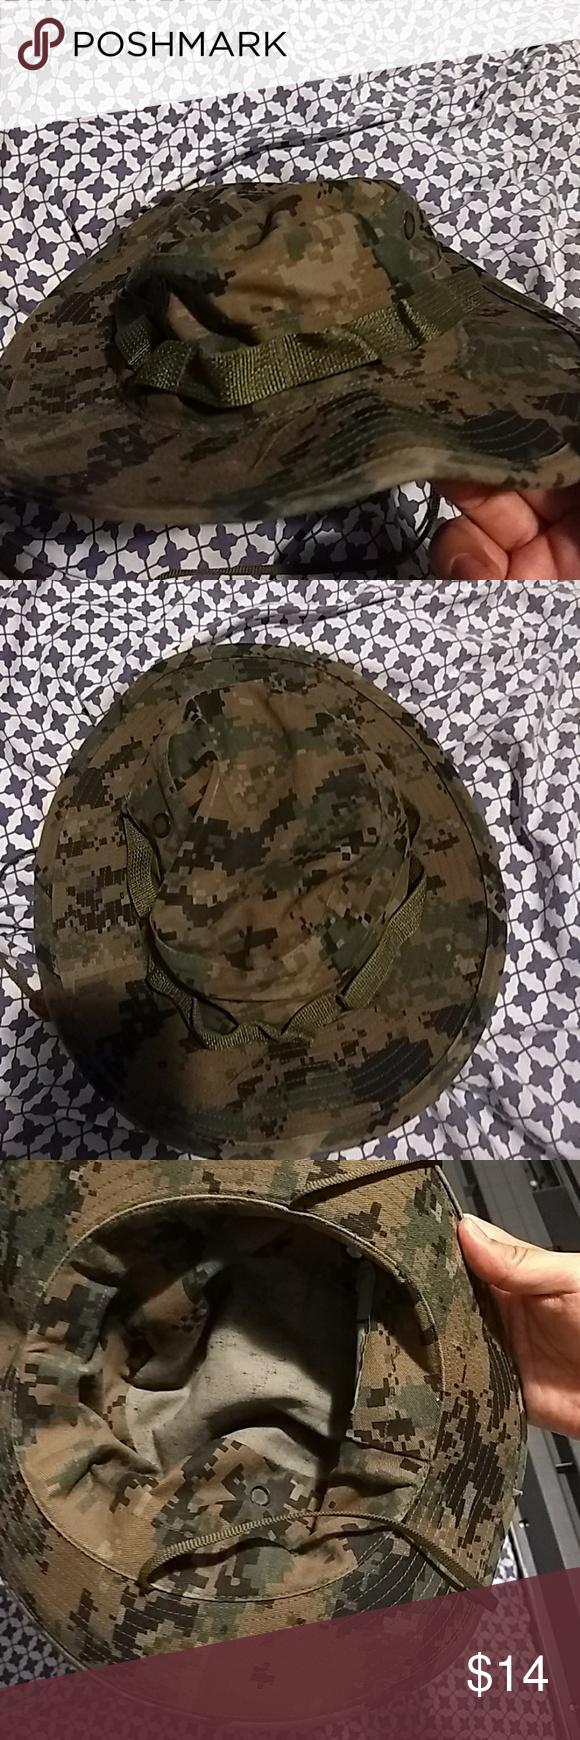 42cfeb683c1 Usmc Jungle boonie hat Jungle boonie hat. Unworn. Accessories Hats ...